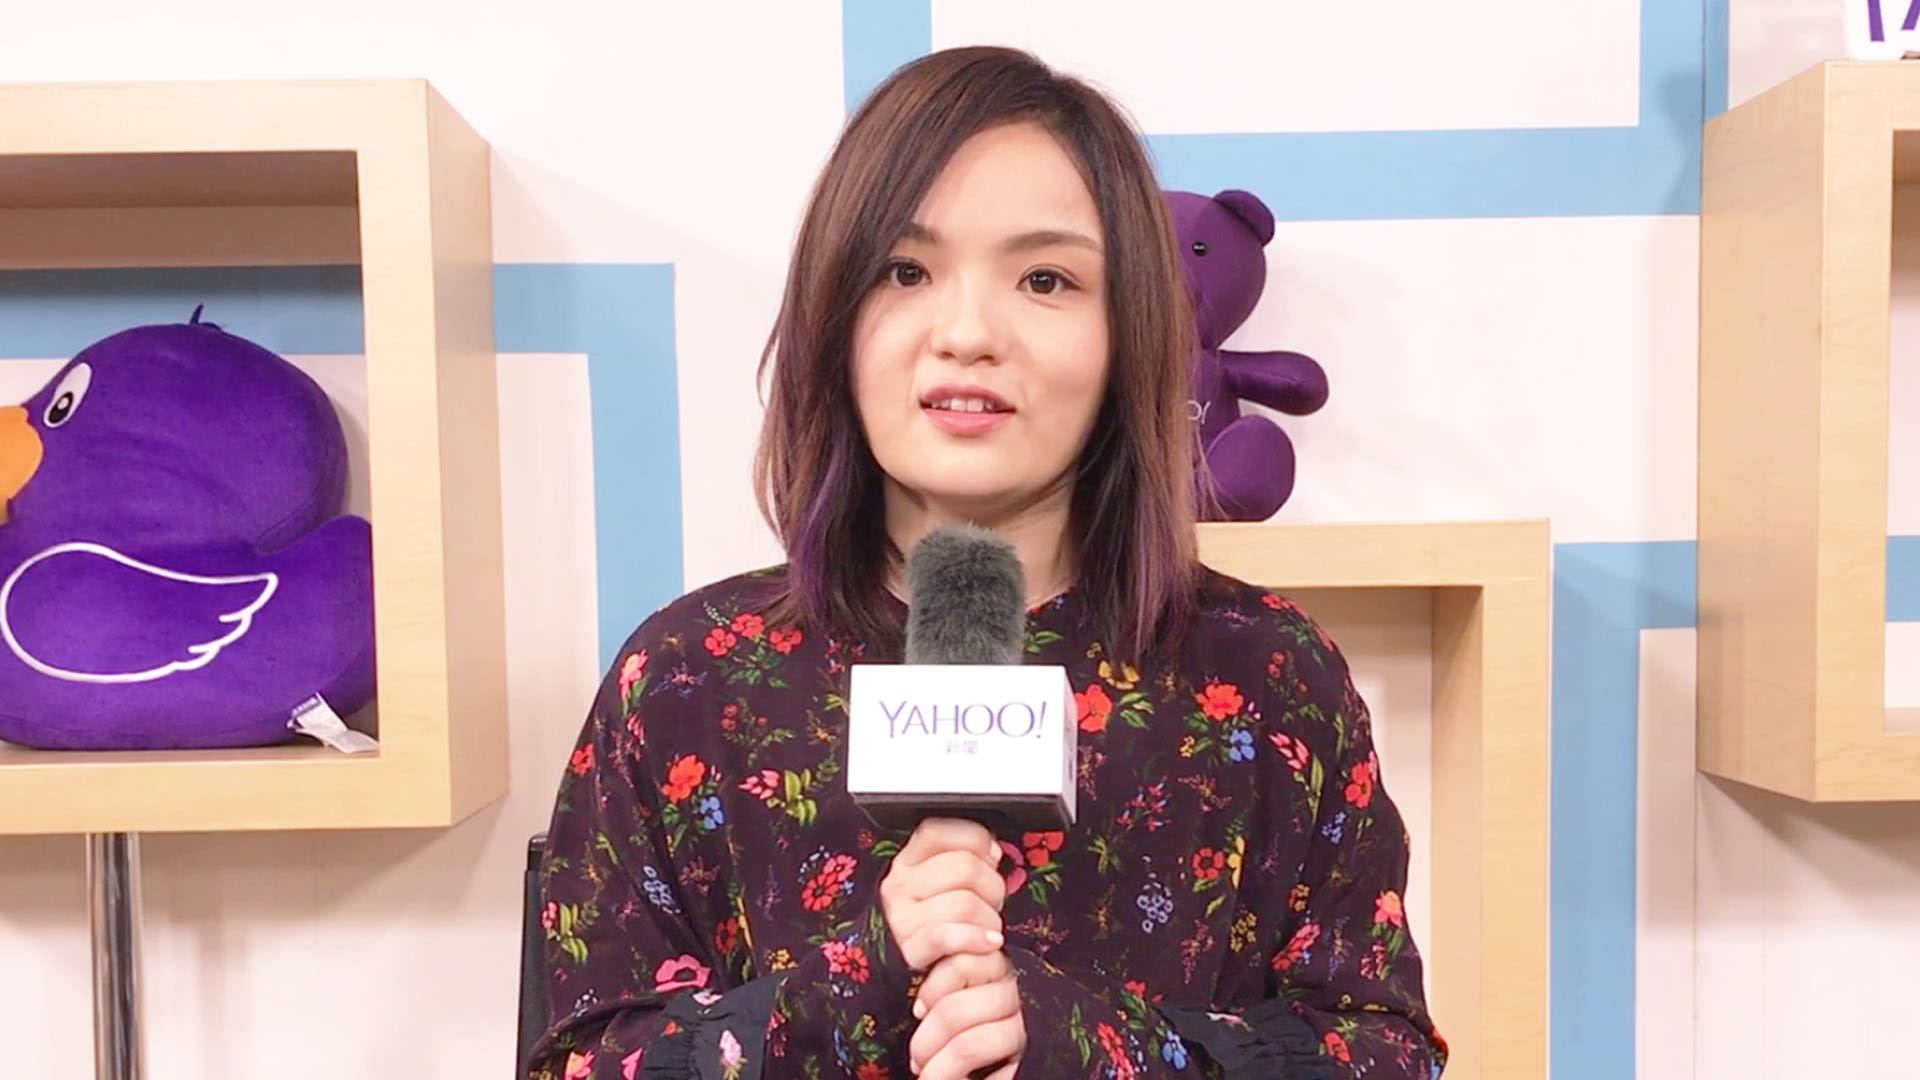 誰是最佳女歌手?徐佳瑩票投她